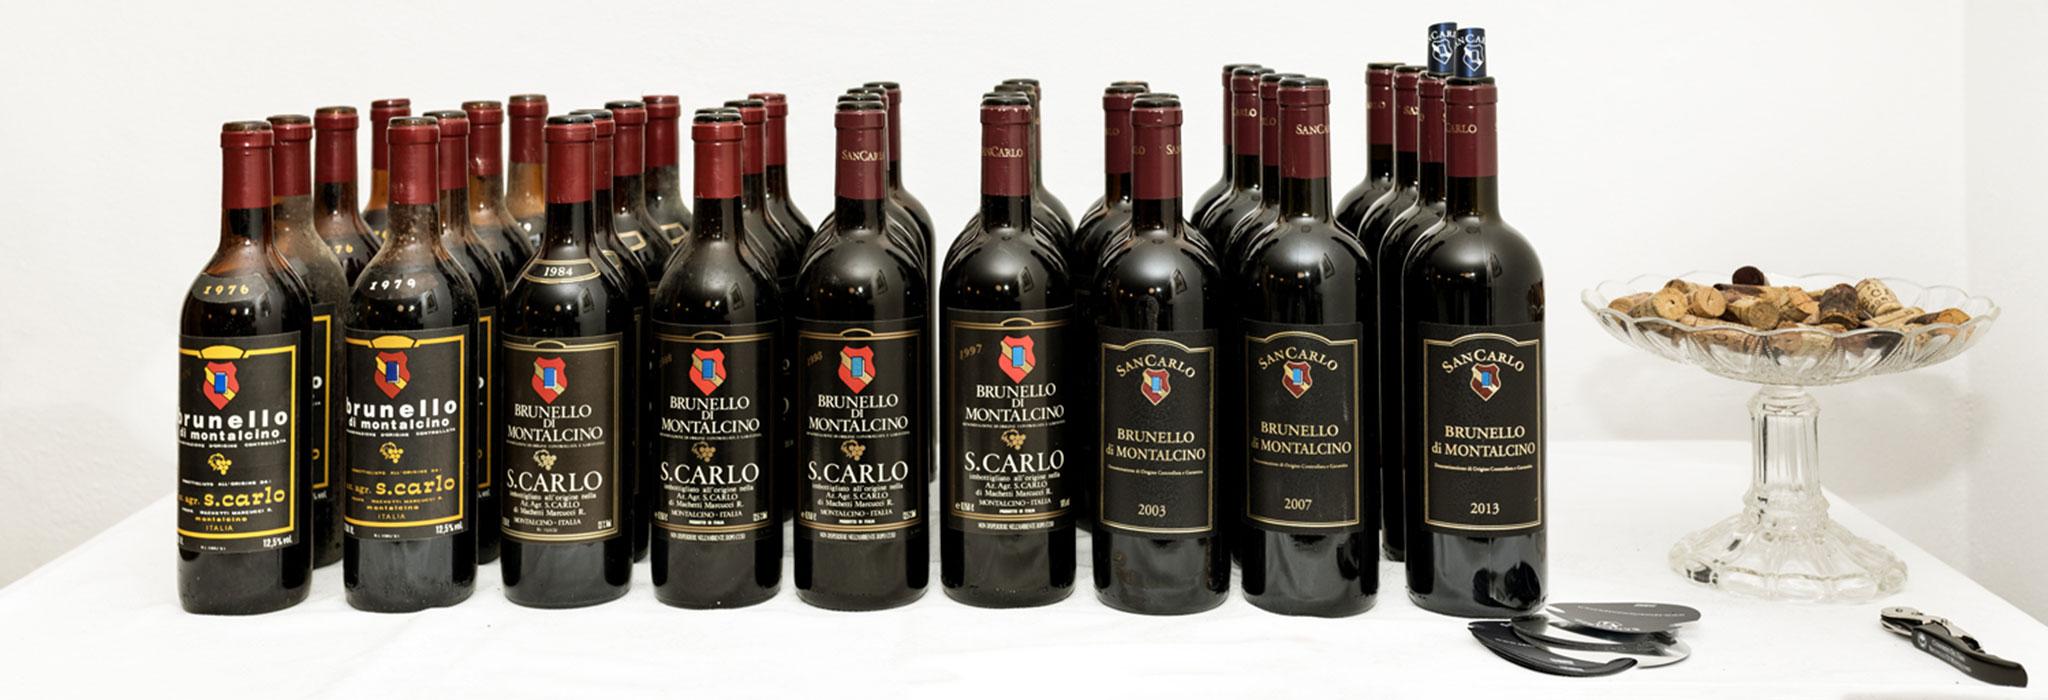 Degustazione Verticale di Brunello di Montalcino DOCG SanCarlo - Bottiglie dalla collezione di famiglia